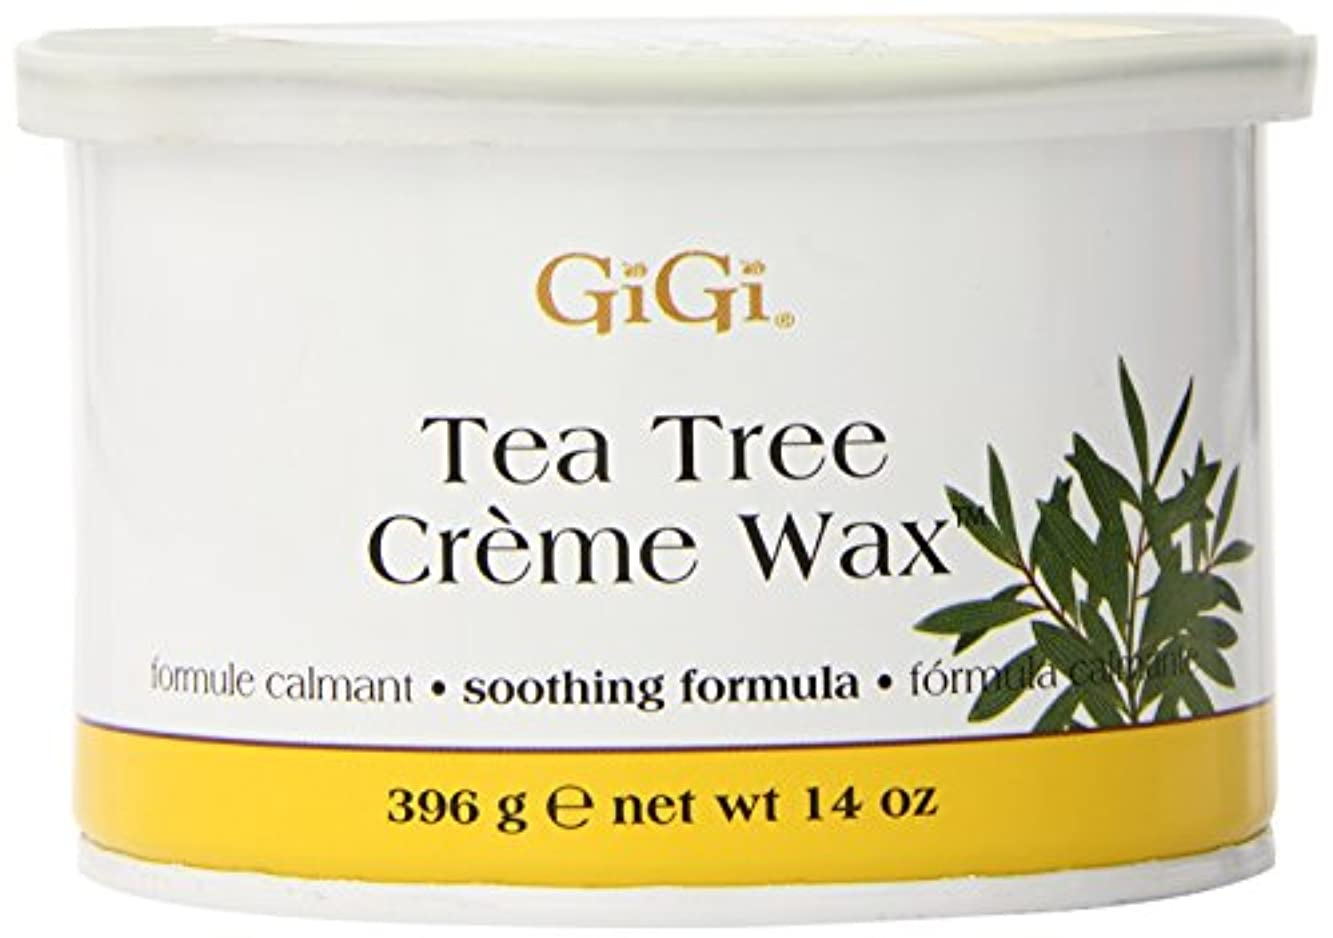 喜劇ブラケット暗黙GiGi Tea Tree Cream Wax A Soothing Hair Removal Formula 396g